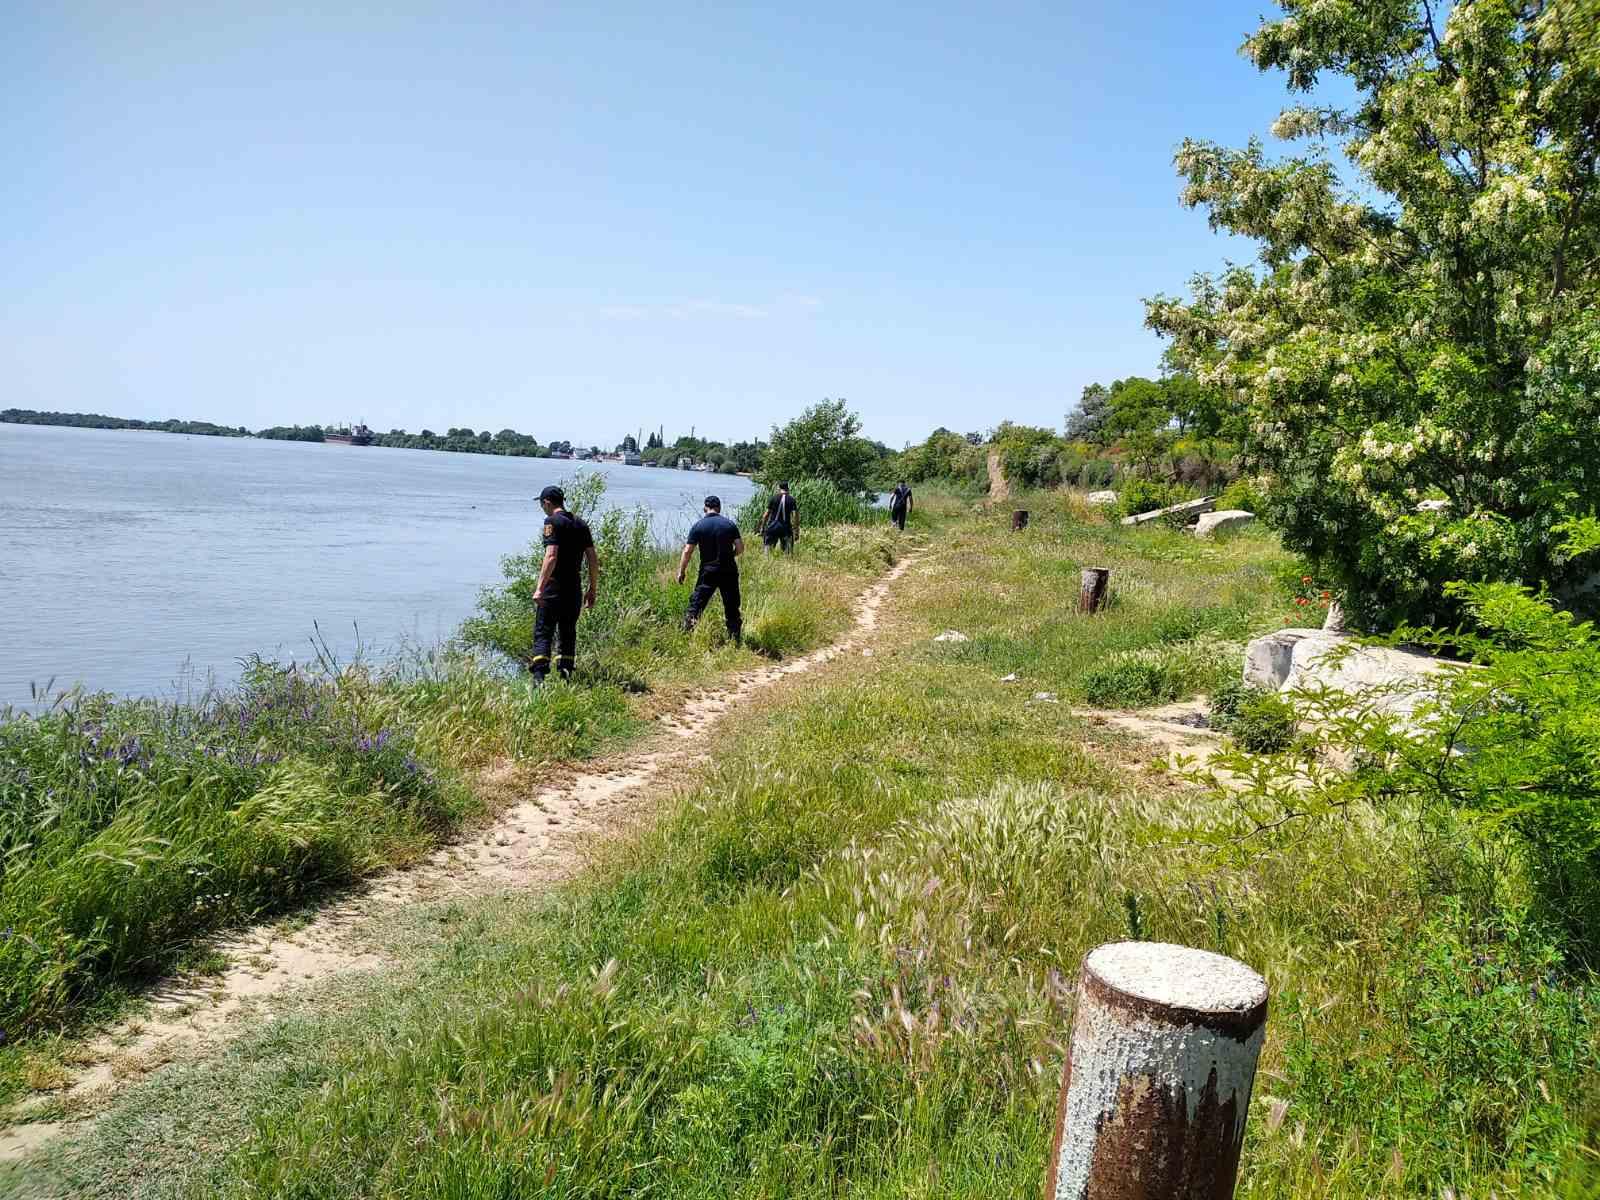 Утопленник в Измаиле: 16-летний подросток ушел под воду в Дунае